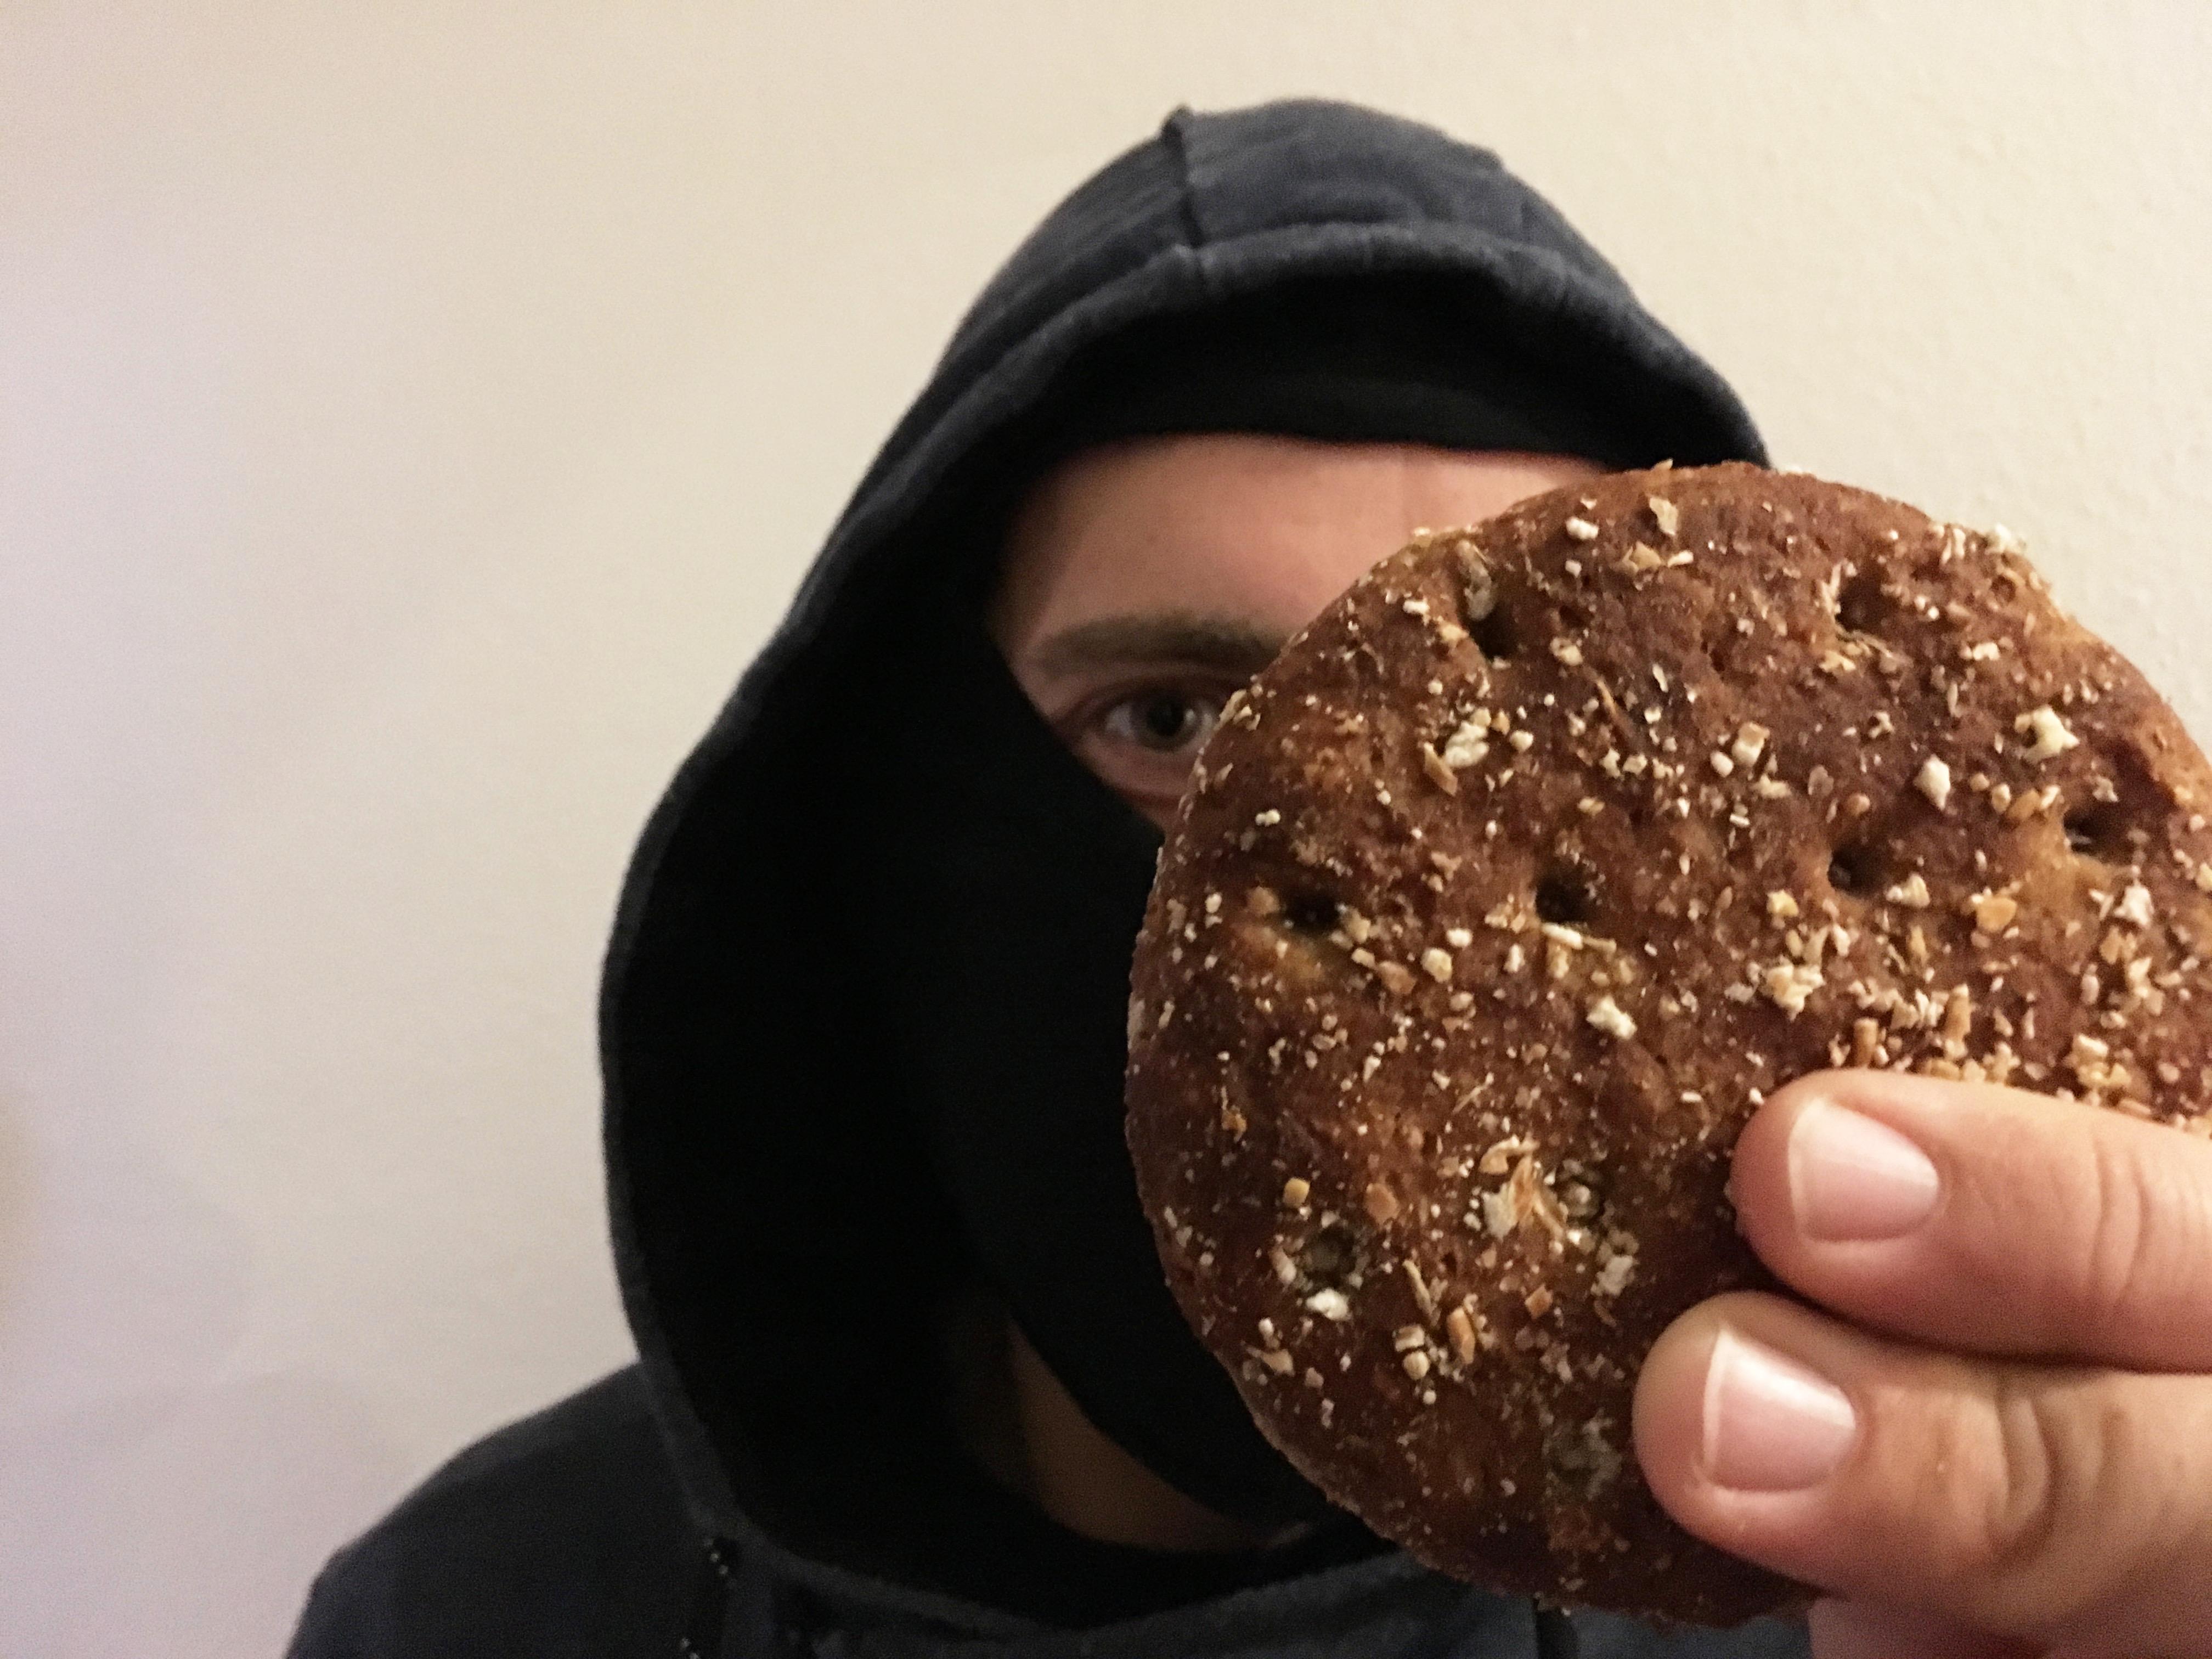 Maske. Falschgeld. Bäckerei. Der dümmste Verbrecher Oberfrankens.